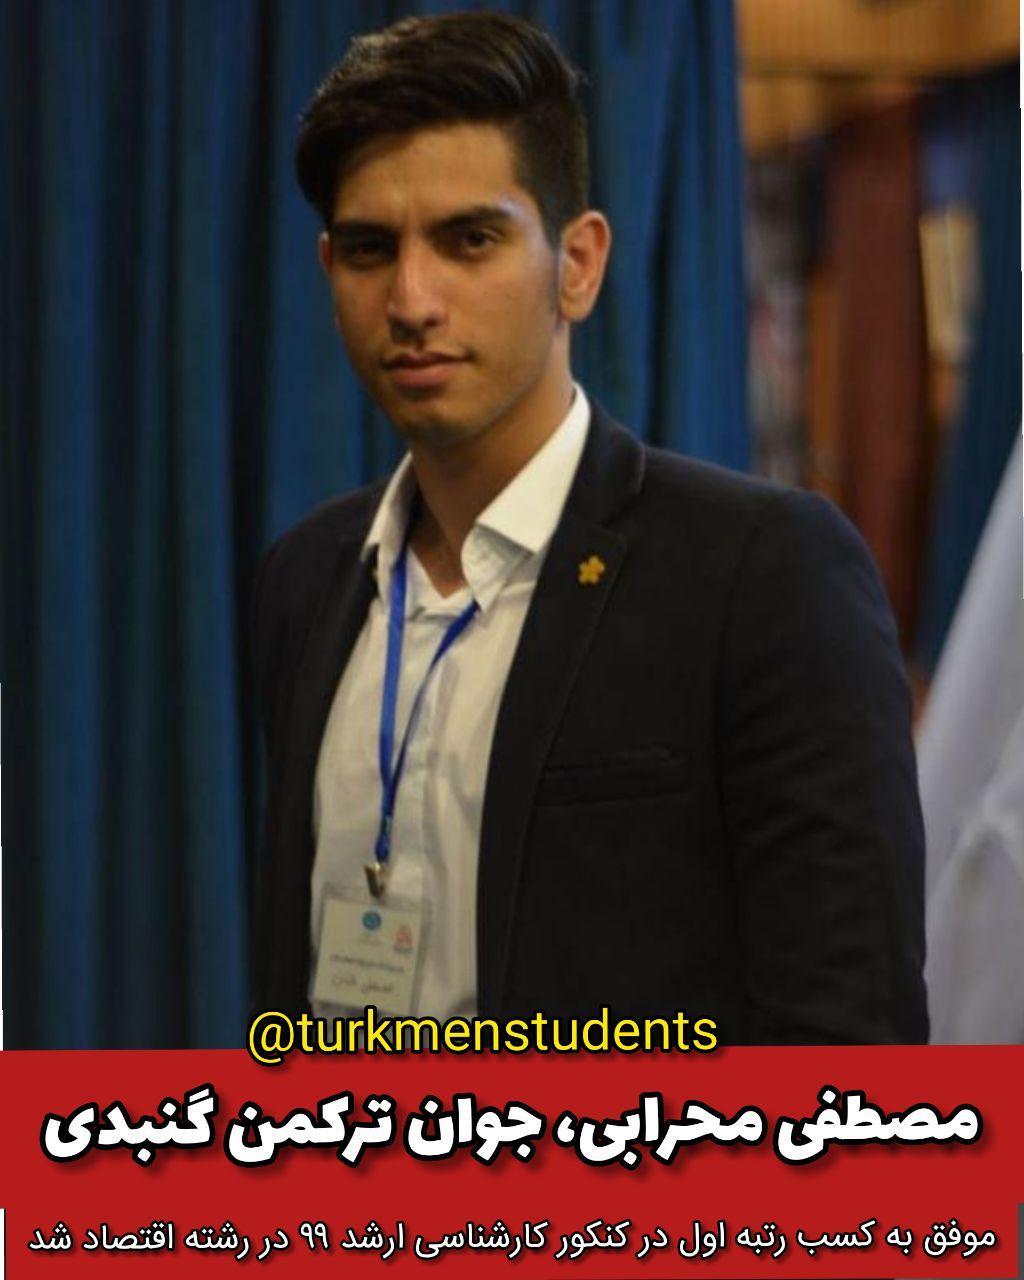 مصطفی محرابی، جوان ترکمن گنبدی موفق به کسب رتبه اول کنکور کارشناسی ارشد 99 در رشته اقتصاد شد